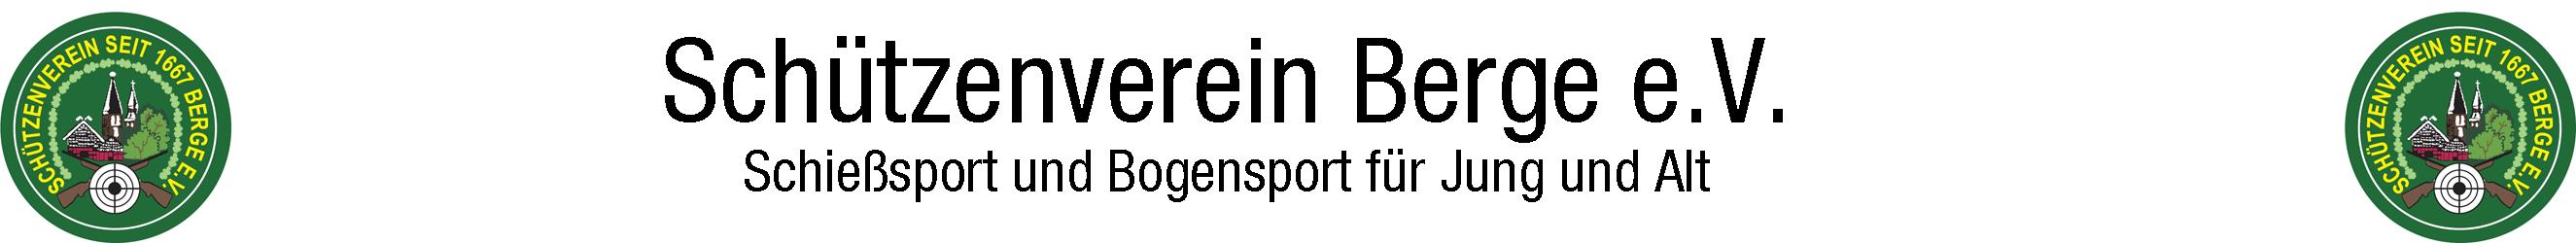 Schützenverein Berge